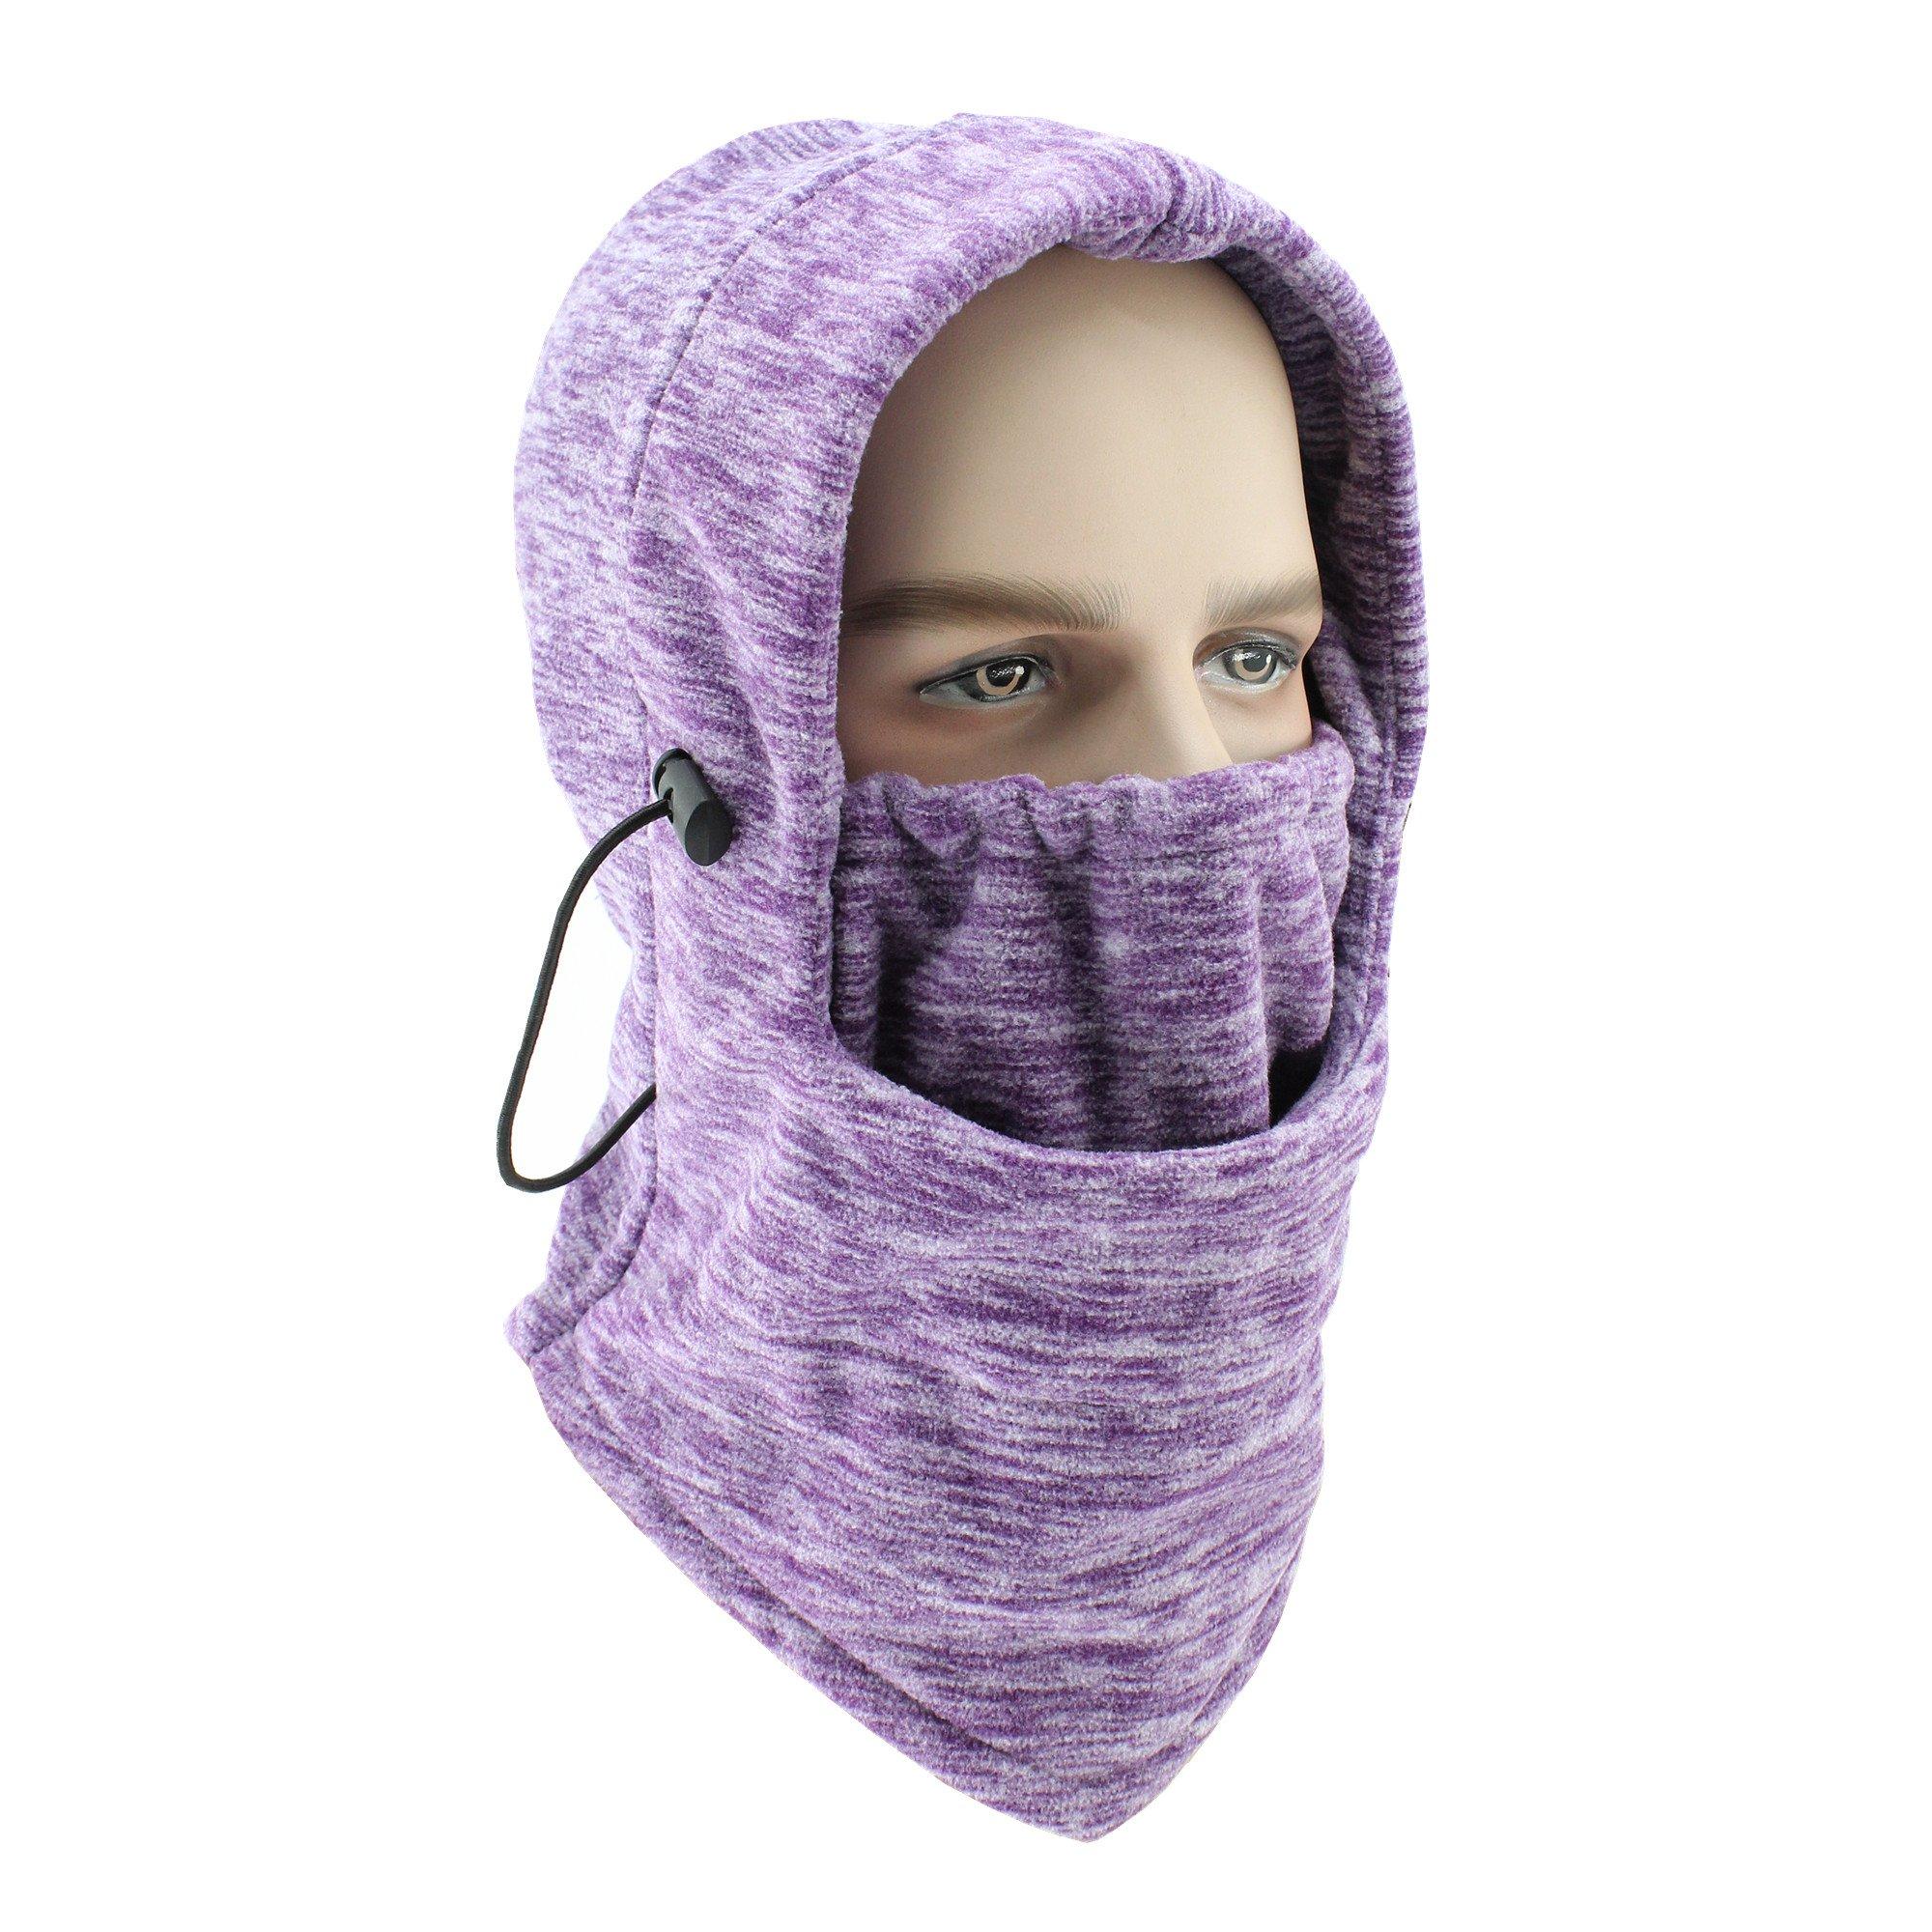 GANWAY Winter Cap Cycling Mask Motion Warm Headgear Camouflage Fleece Cold-proof Windbreak Motorcycle Skiing Face Hat Women Beanies (Purple)